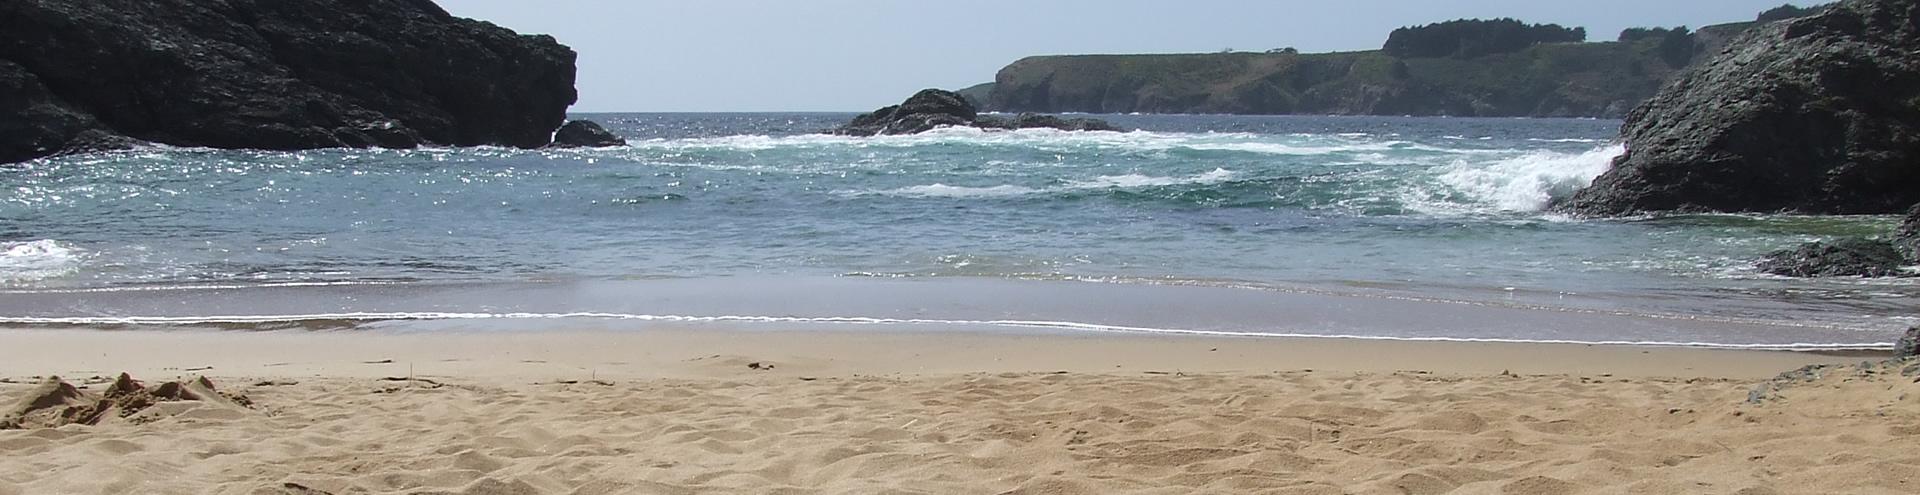 camping belle ile en mer avec piscine with camping belle ile en mer avec piscine